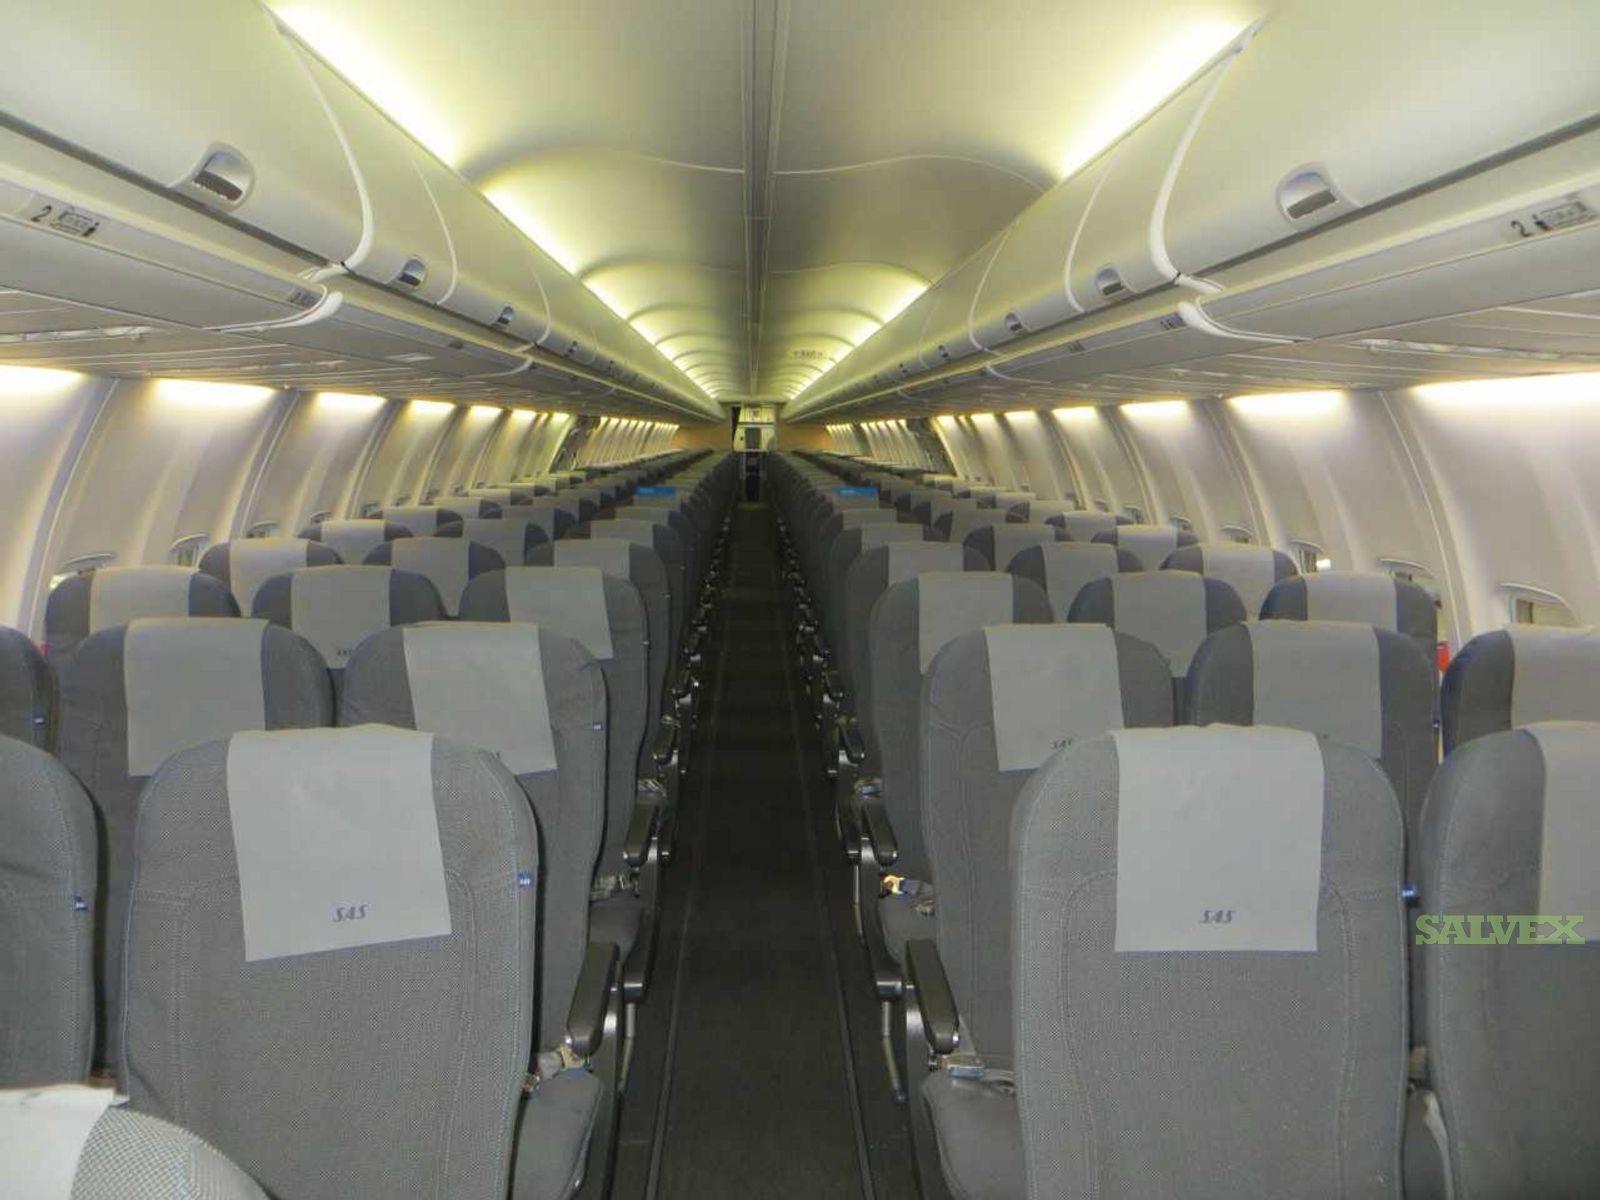 B737-800 Seats, YOM 2012, 183 Pax, BL3520 (1 Shipset)